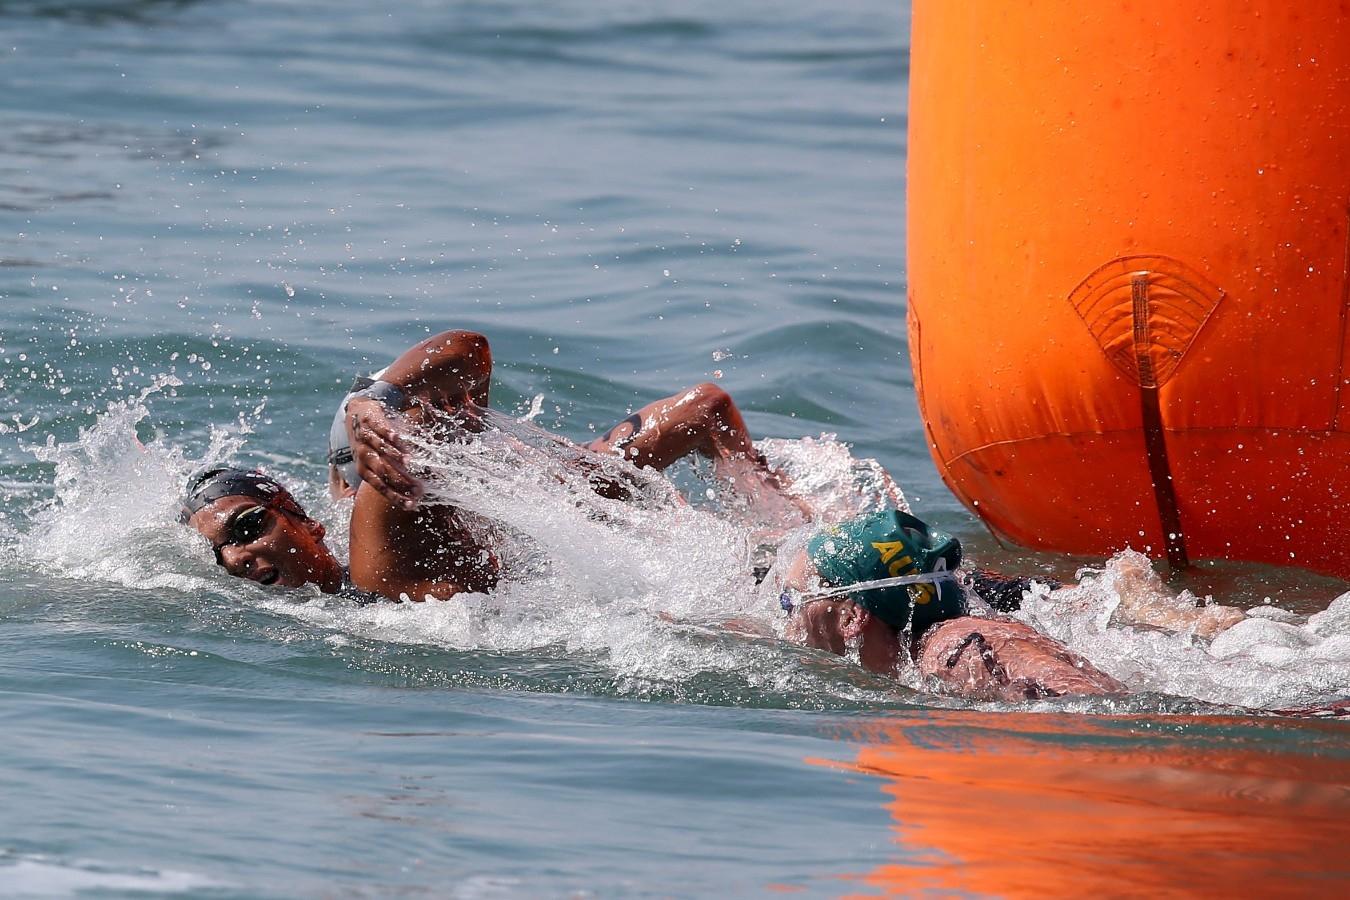 Ana Marcela. Copa do Mundo de Maratonas Aquaticas, etapa Travessia de Hong Kong na Repulse Bay . 18 de Outubro de 2014, Hong Kong. Foto: Satiro Sodre/SSPress.